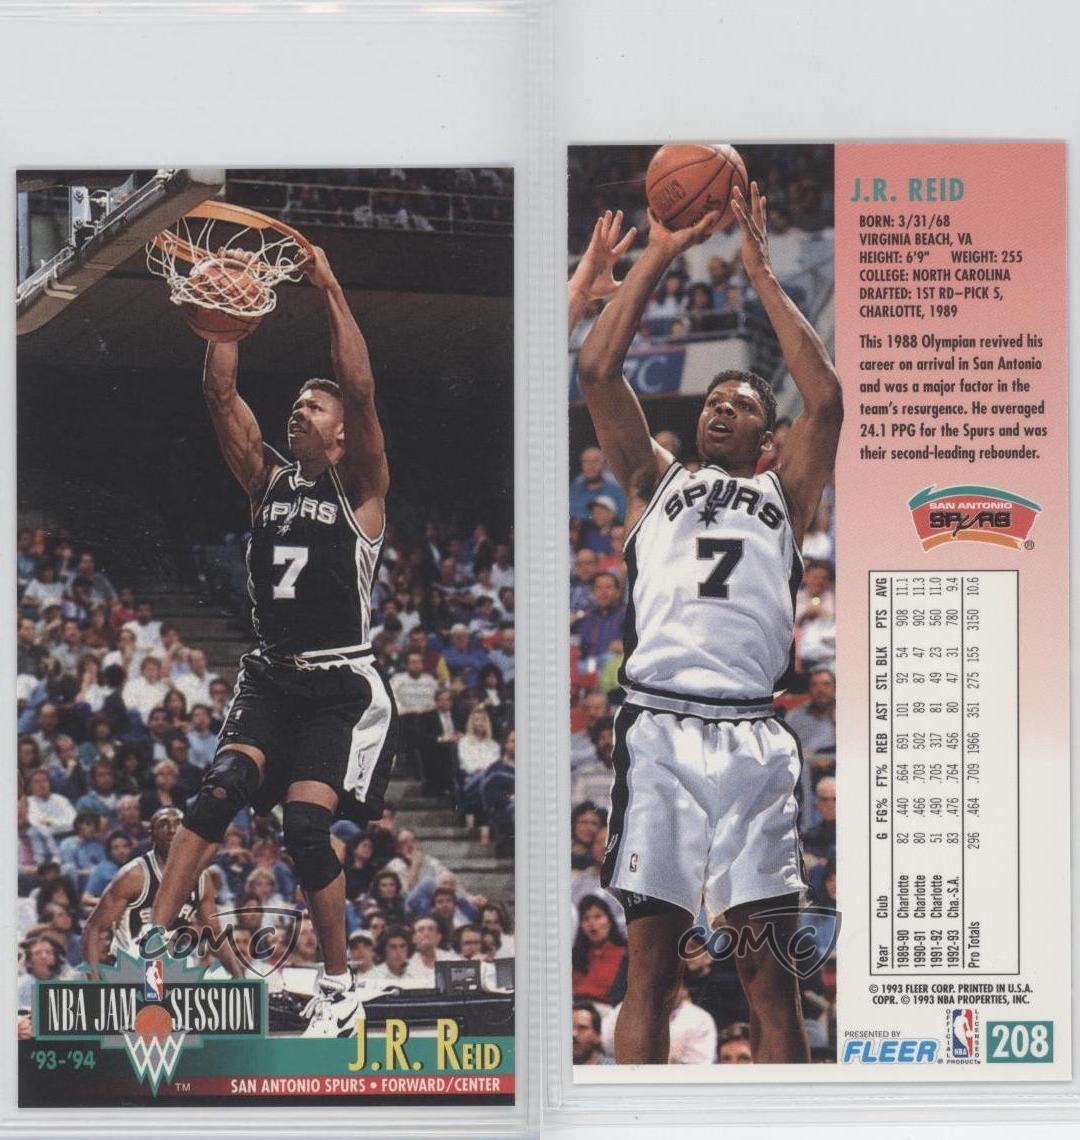 1993-94 NBA Jam Session #208 JR Reid San Antonio Spurs J.R